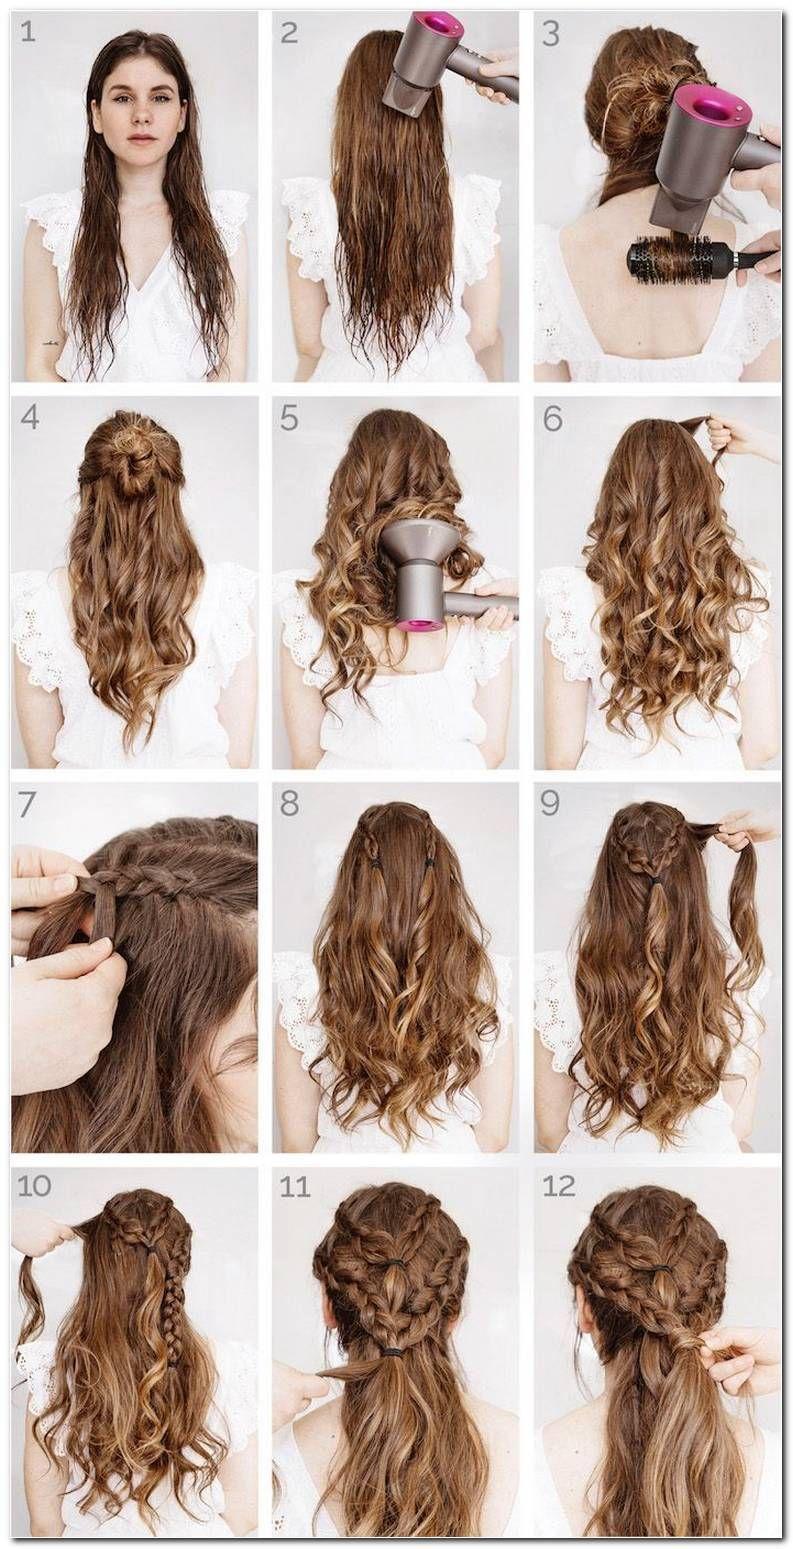 Frisuren Alltag Lange Haare in 12  Renaissance hairstyles